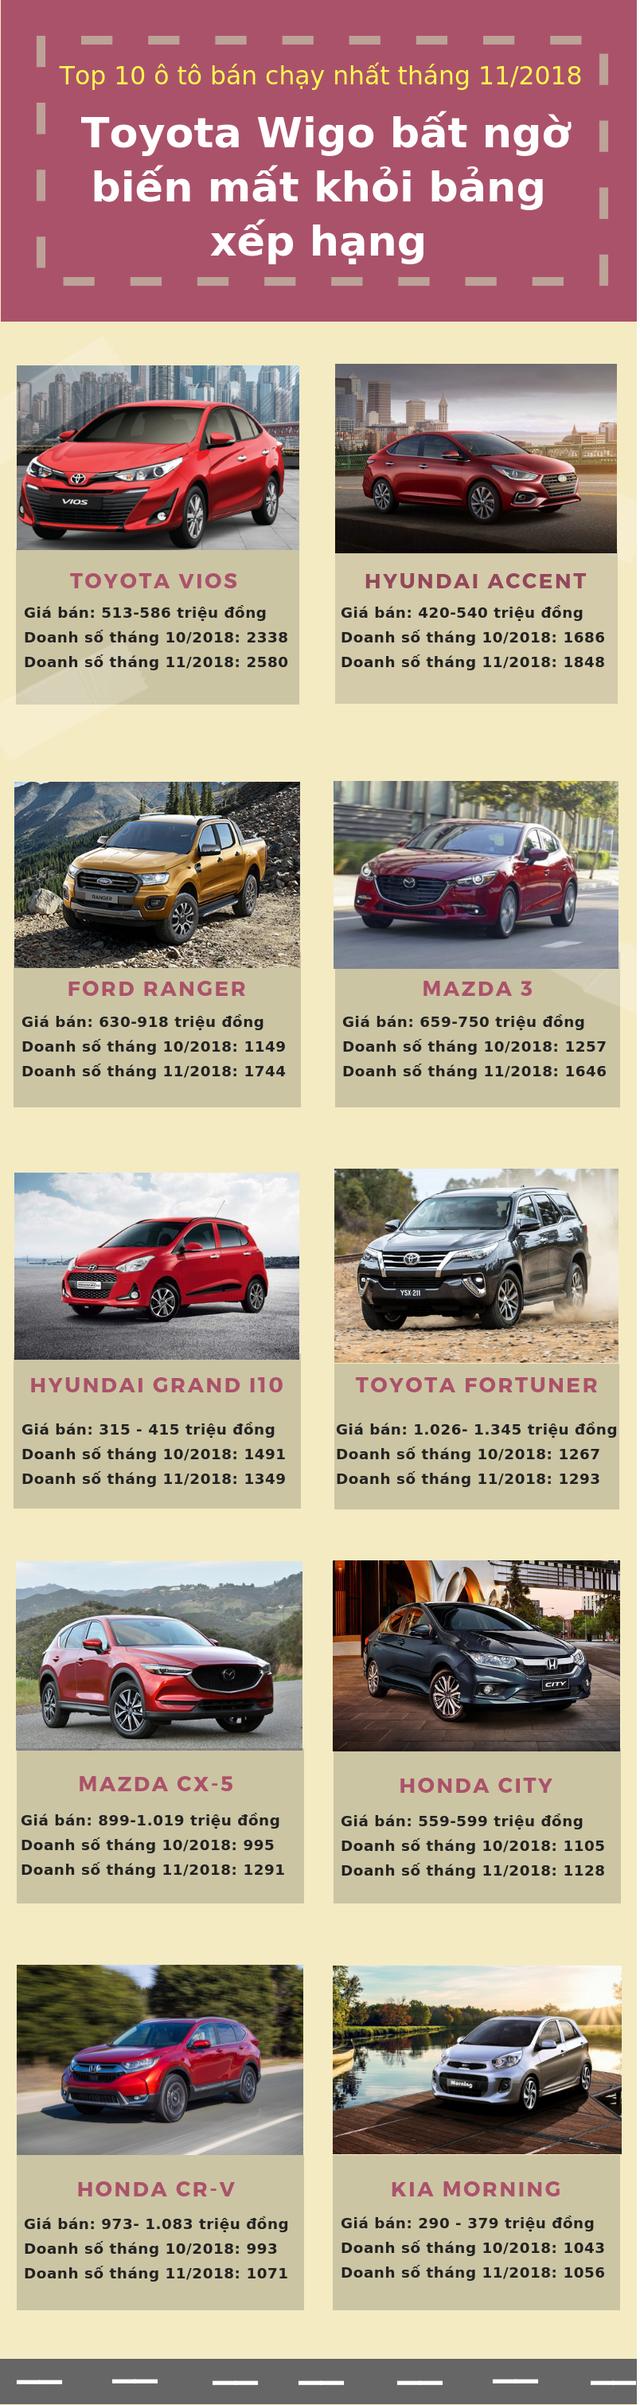 Top 10 ô tô phân phối chạy nhất tháng 11/2018: hãng xe Toyota Wigo bất ngờ biến mất khỏi bảng xếp hạng - Ảnh 1.